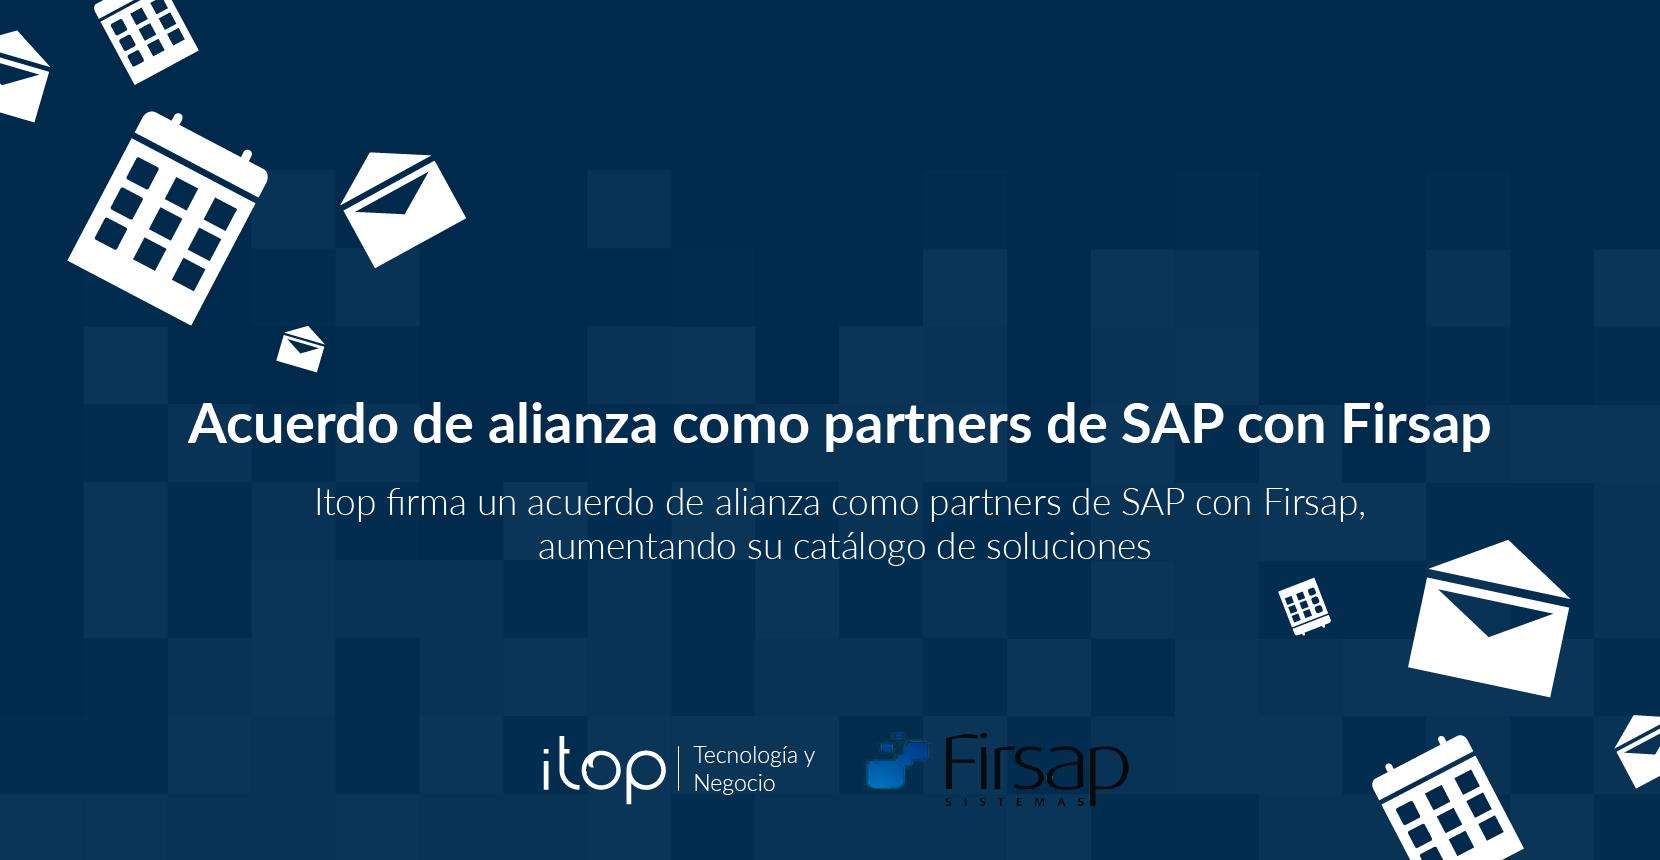 Itop firma un acuerdo de alianza como partners de SAP con Firsap